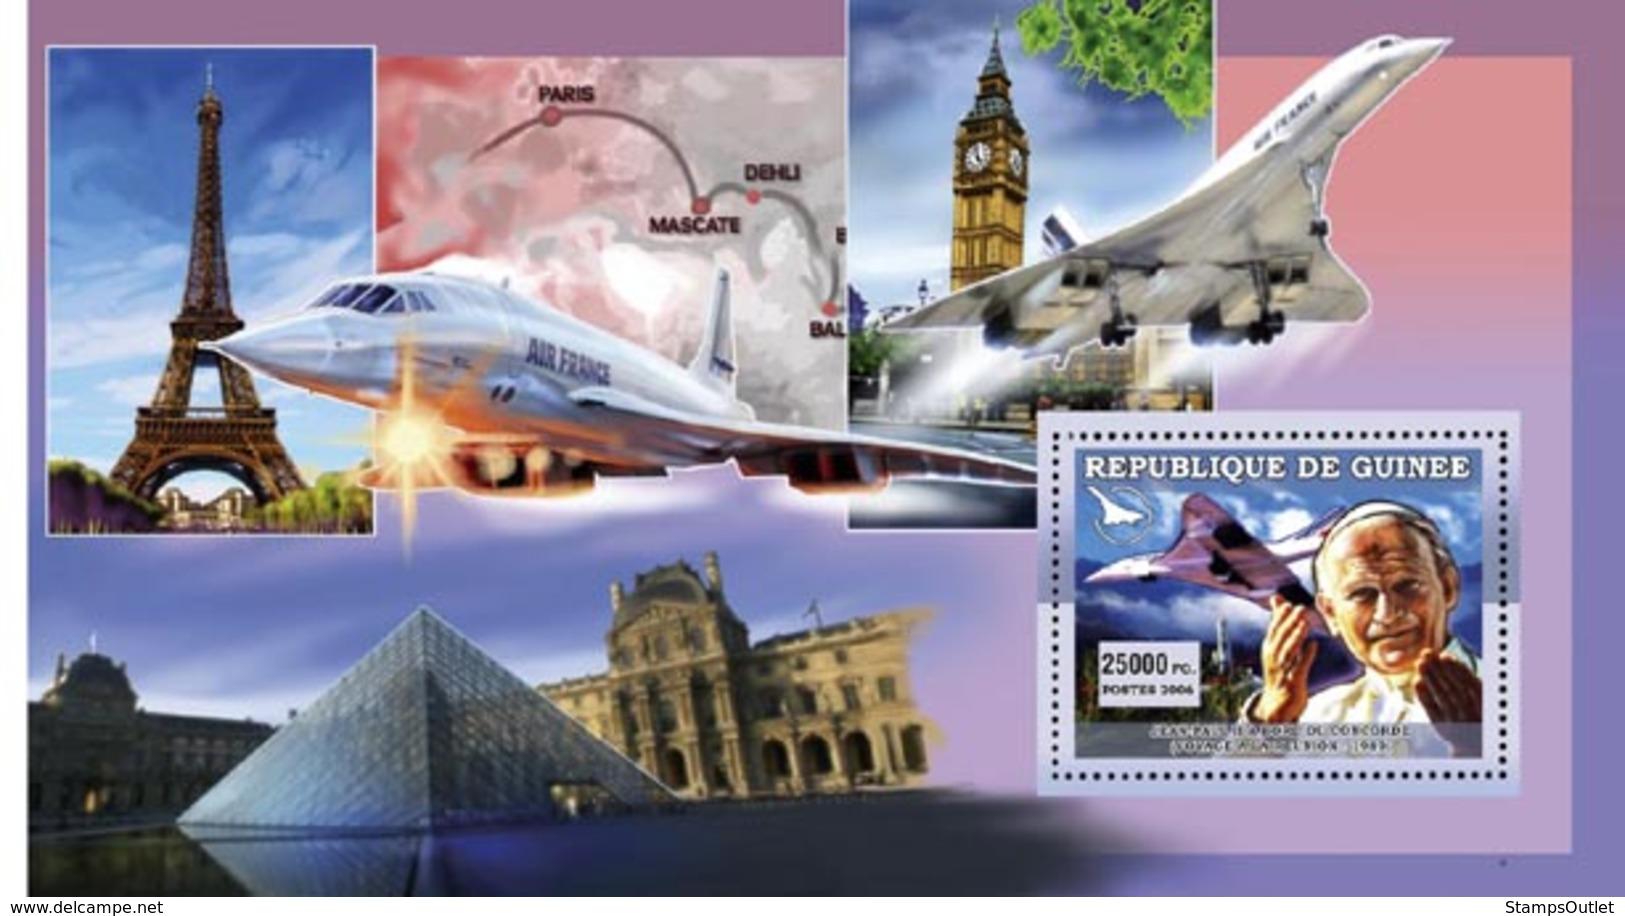 Guinea 2006 MNH - Concorde - Pape J.Paul II Au Bord Du Concorde Voyage Au Reunion - YT 450, Mi 4520/BL1106 - Guinea (1958-...)